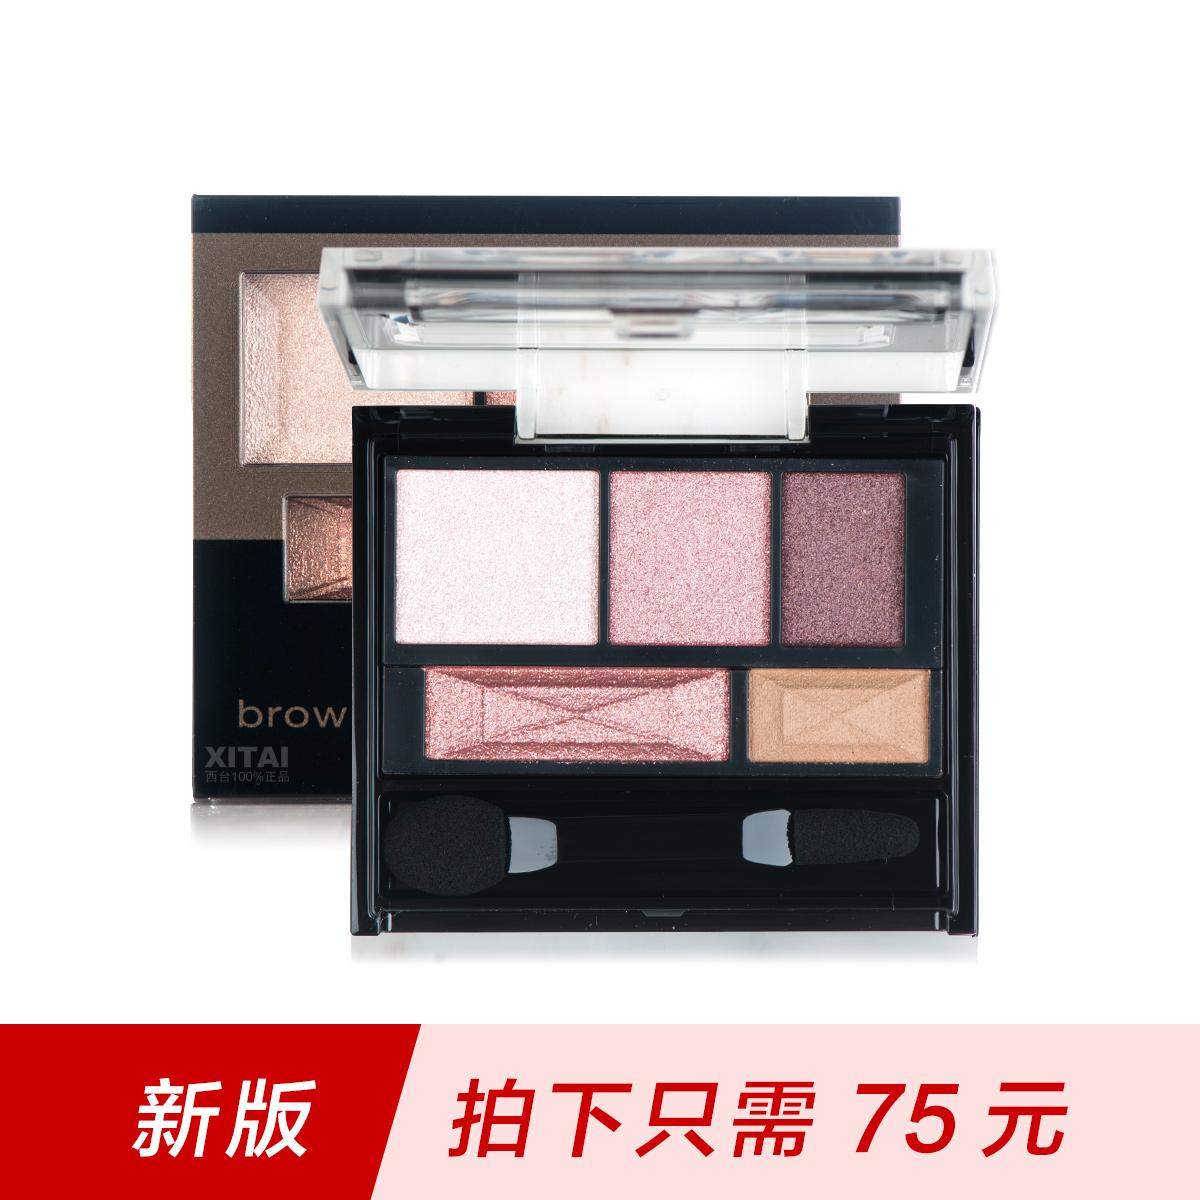 新版日本嘉娜��KATE�P婷骨干4色5色立�w眼影�P鼻影盒 裸�y大地色